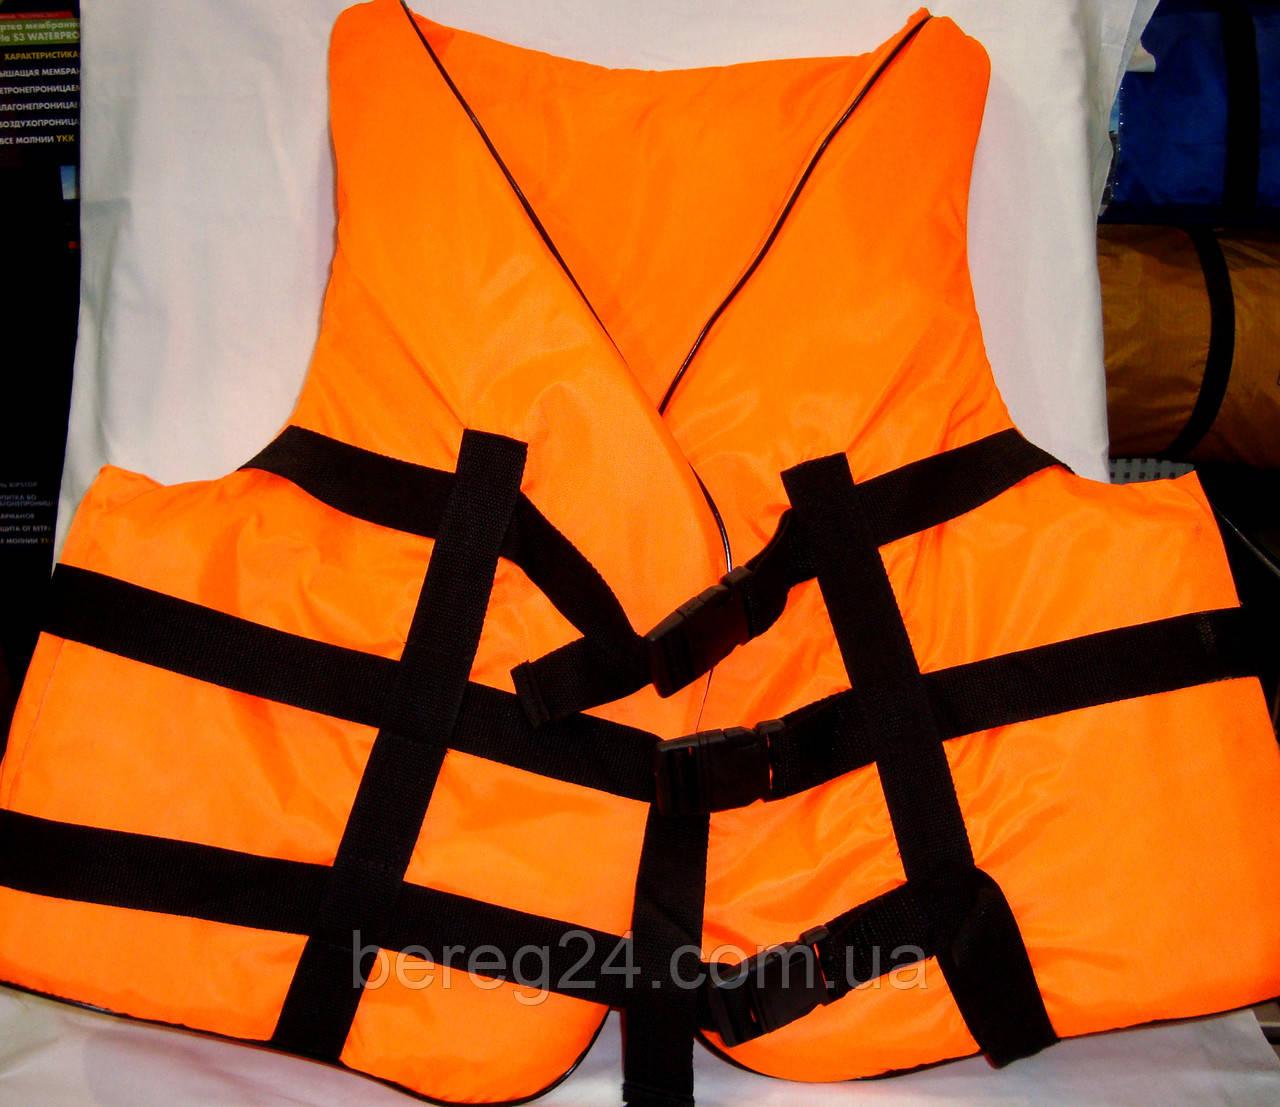 Спасательный жилет водный 110-130 кг оранжевый